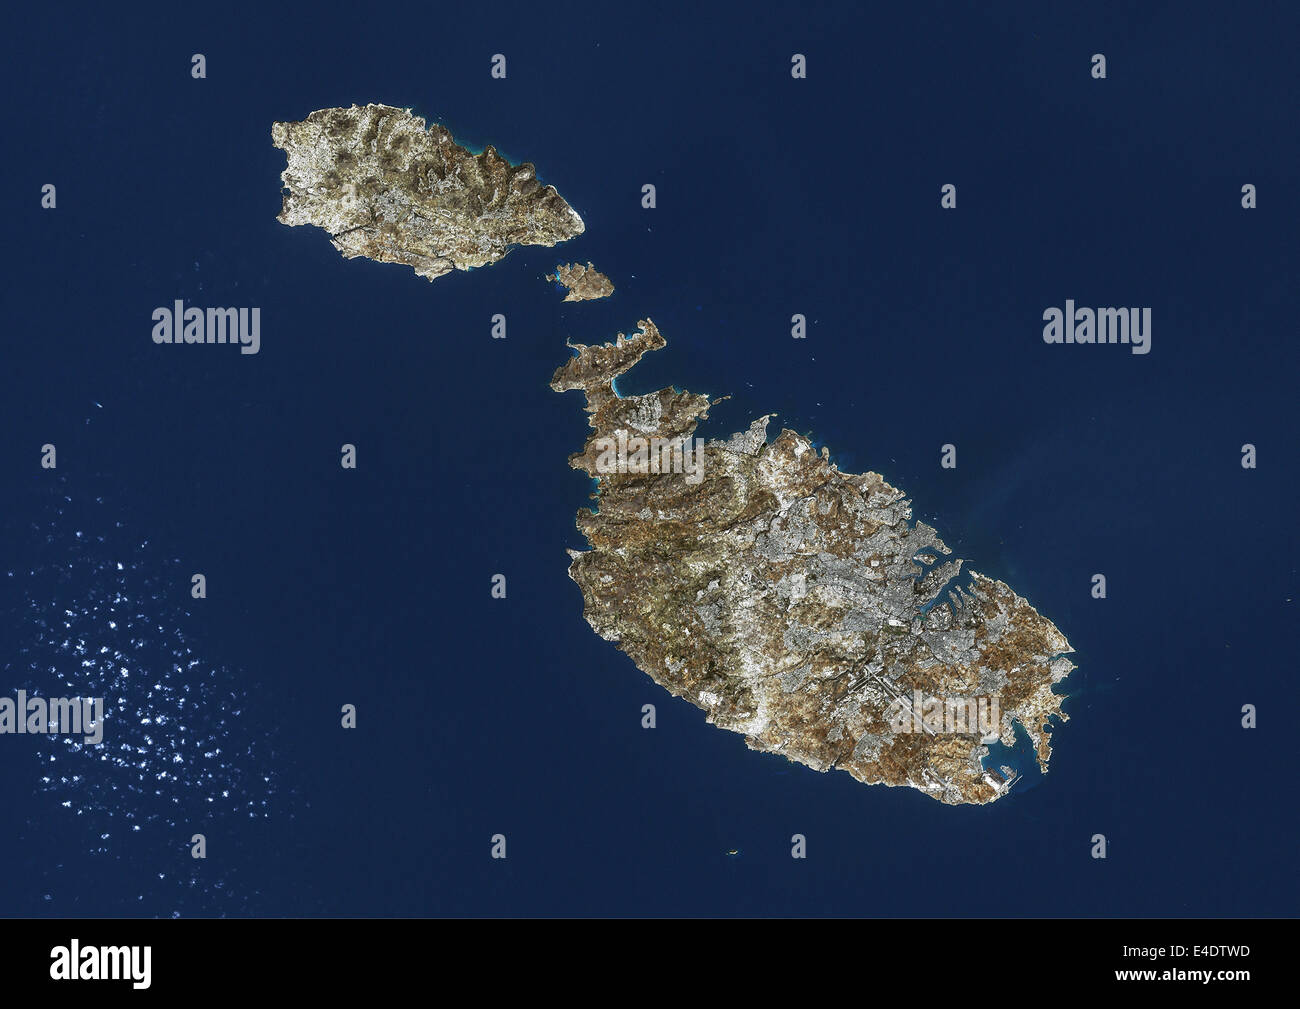 Isola Di Malta Cartina Geografica.Malta L Isola Di Malta True Color Immagine Satellitare Malta L Isola Di Malta True Color Satellitare Immagine Dell Isola Di Malta Foto Stock Alamy